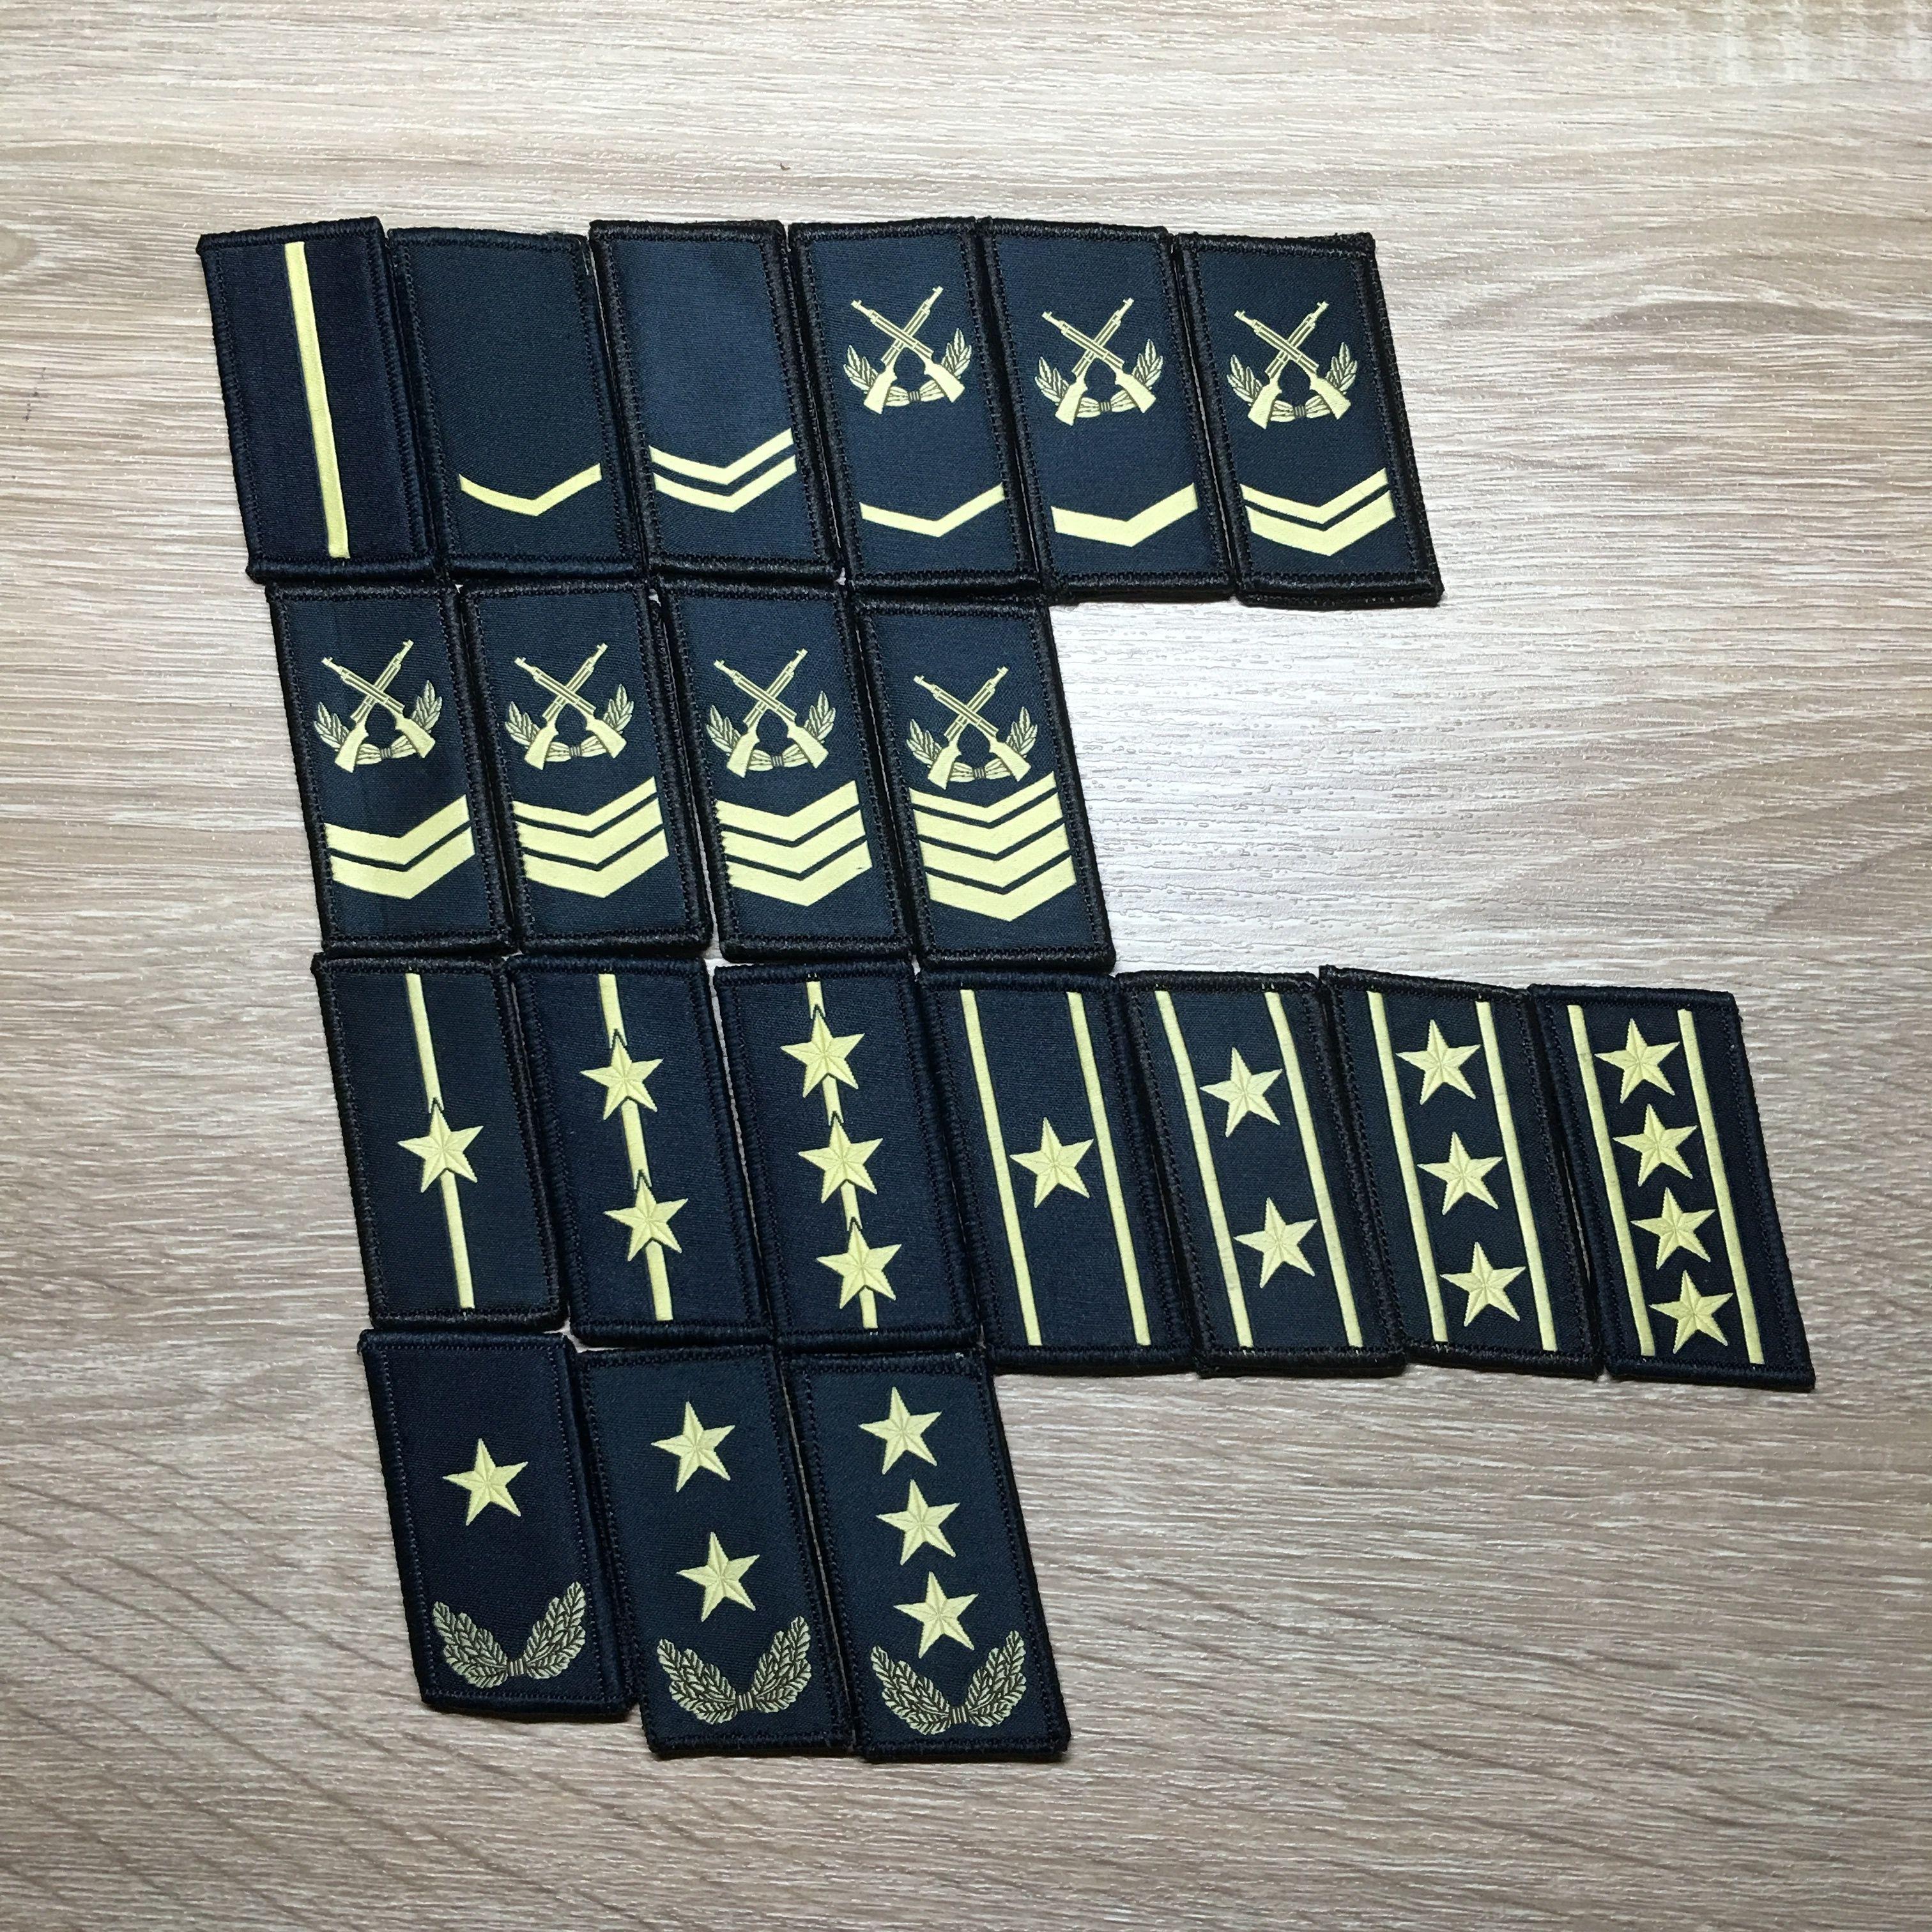 【海軍】中国人民解放軍07式迷彩服用襟章 階級章